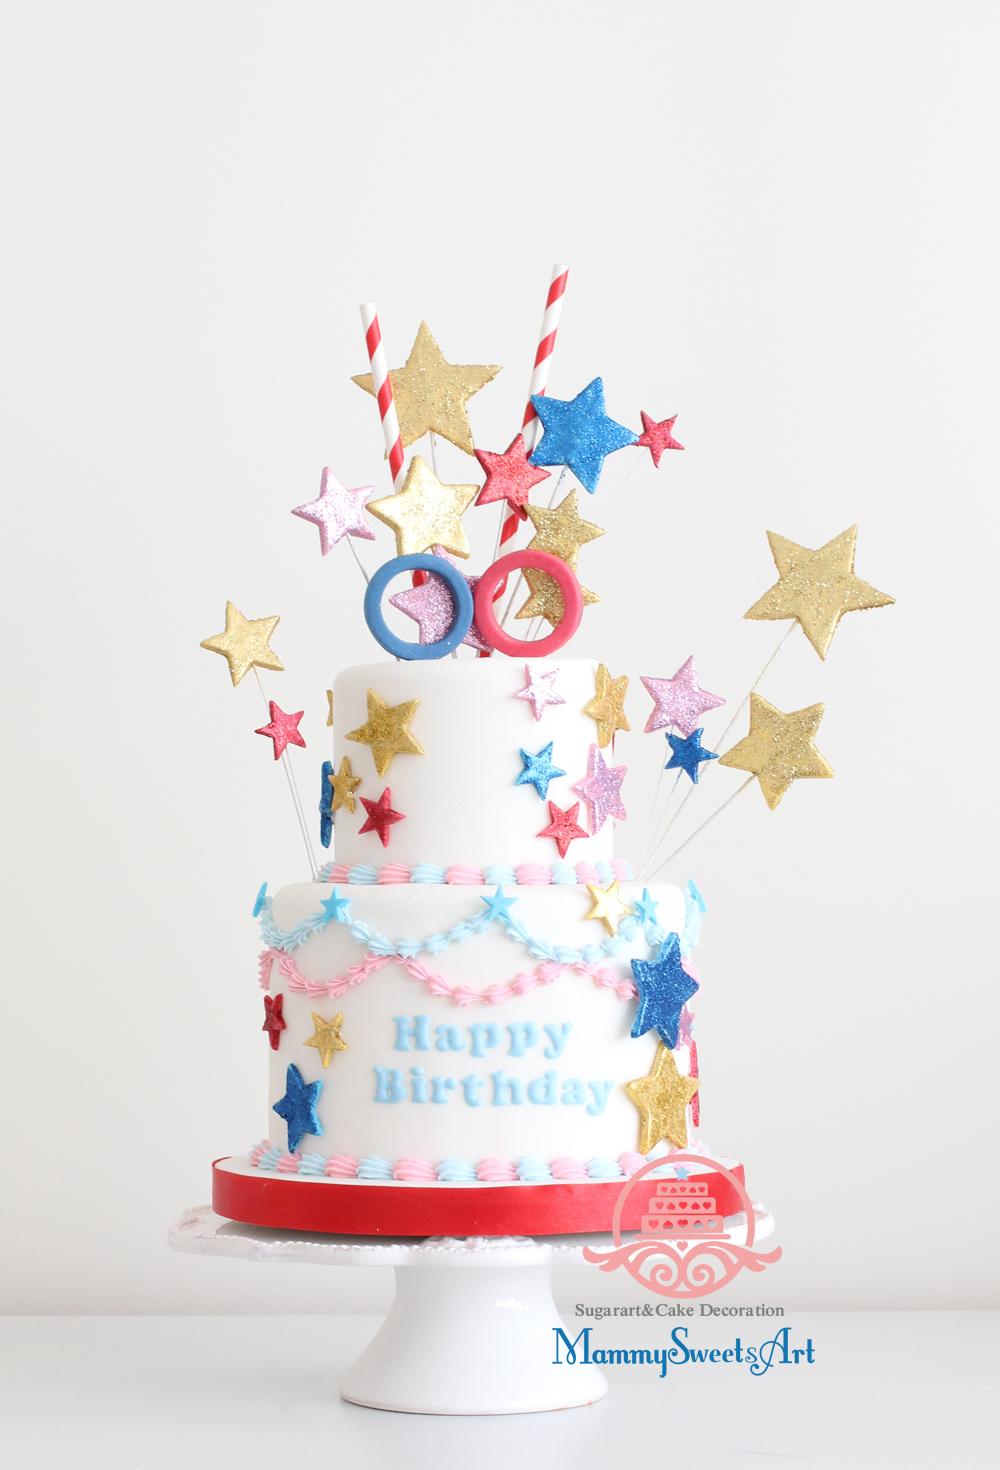 コクーンシティー4周年記念ビジュアル用ケーキを制作